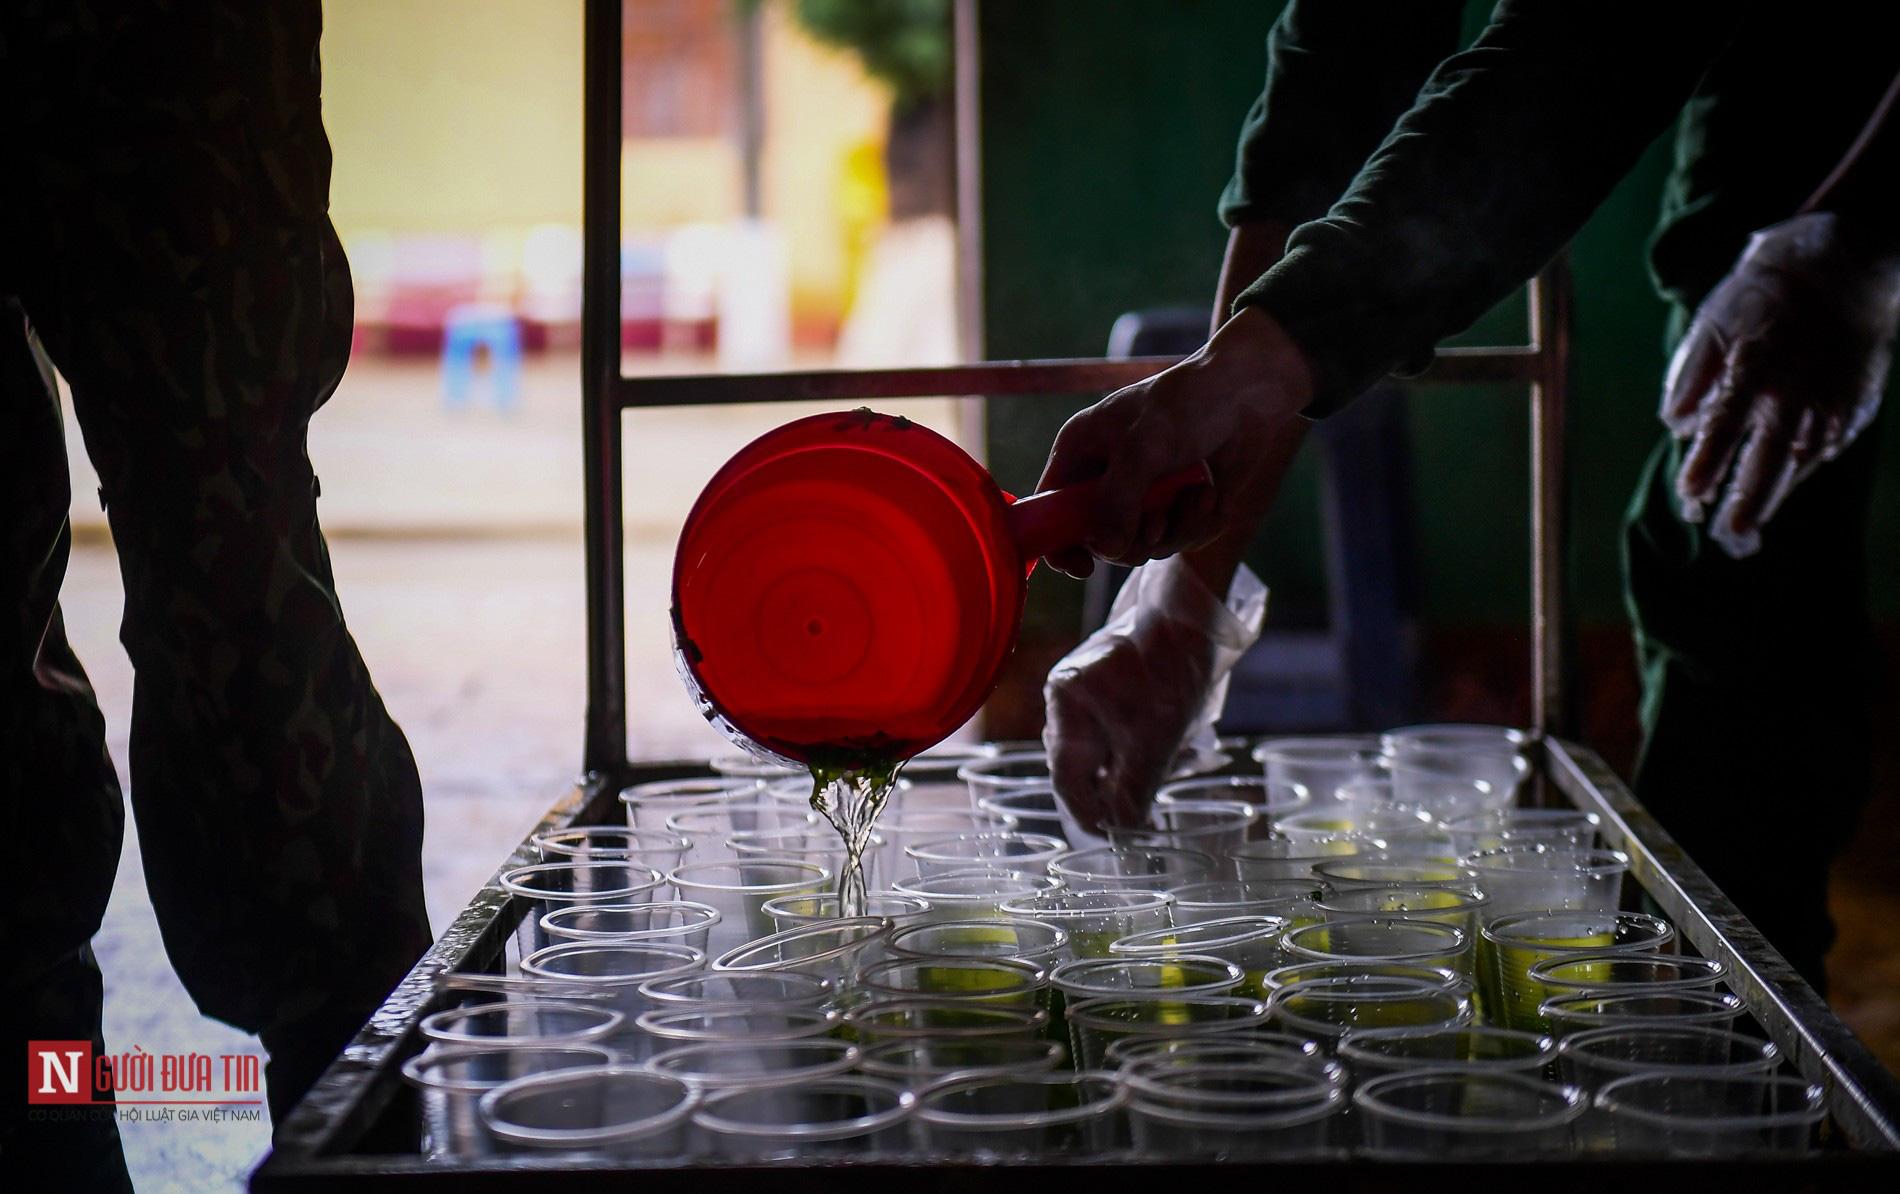 Lạng Sơn: Nhộn nhịp căn bếp ấm tình quân dân tại trại cách ly - Ảnh 9.